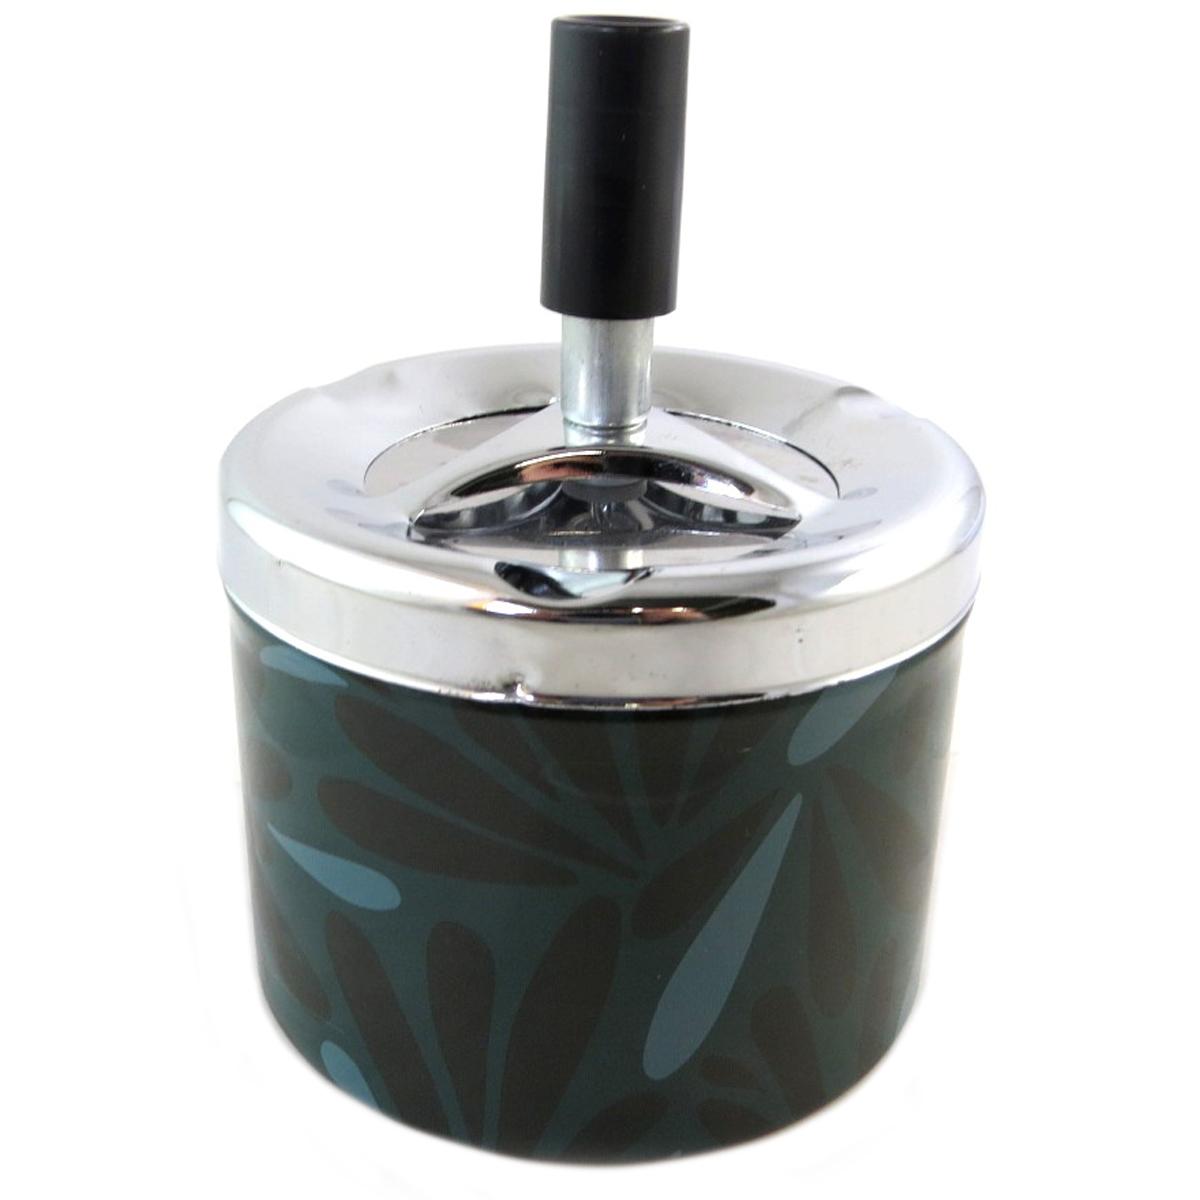 Cendrier métal \'Jungle\' vert noir - 12x9 cm - [P9498]